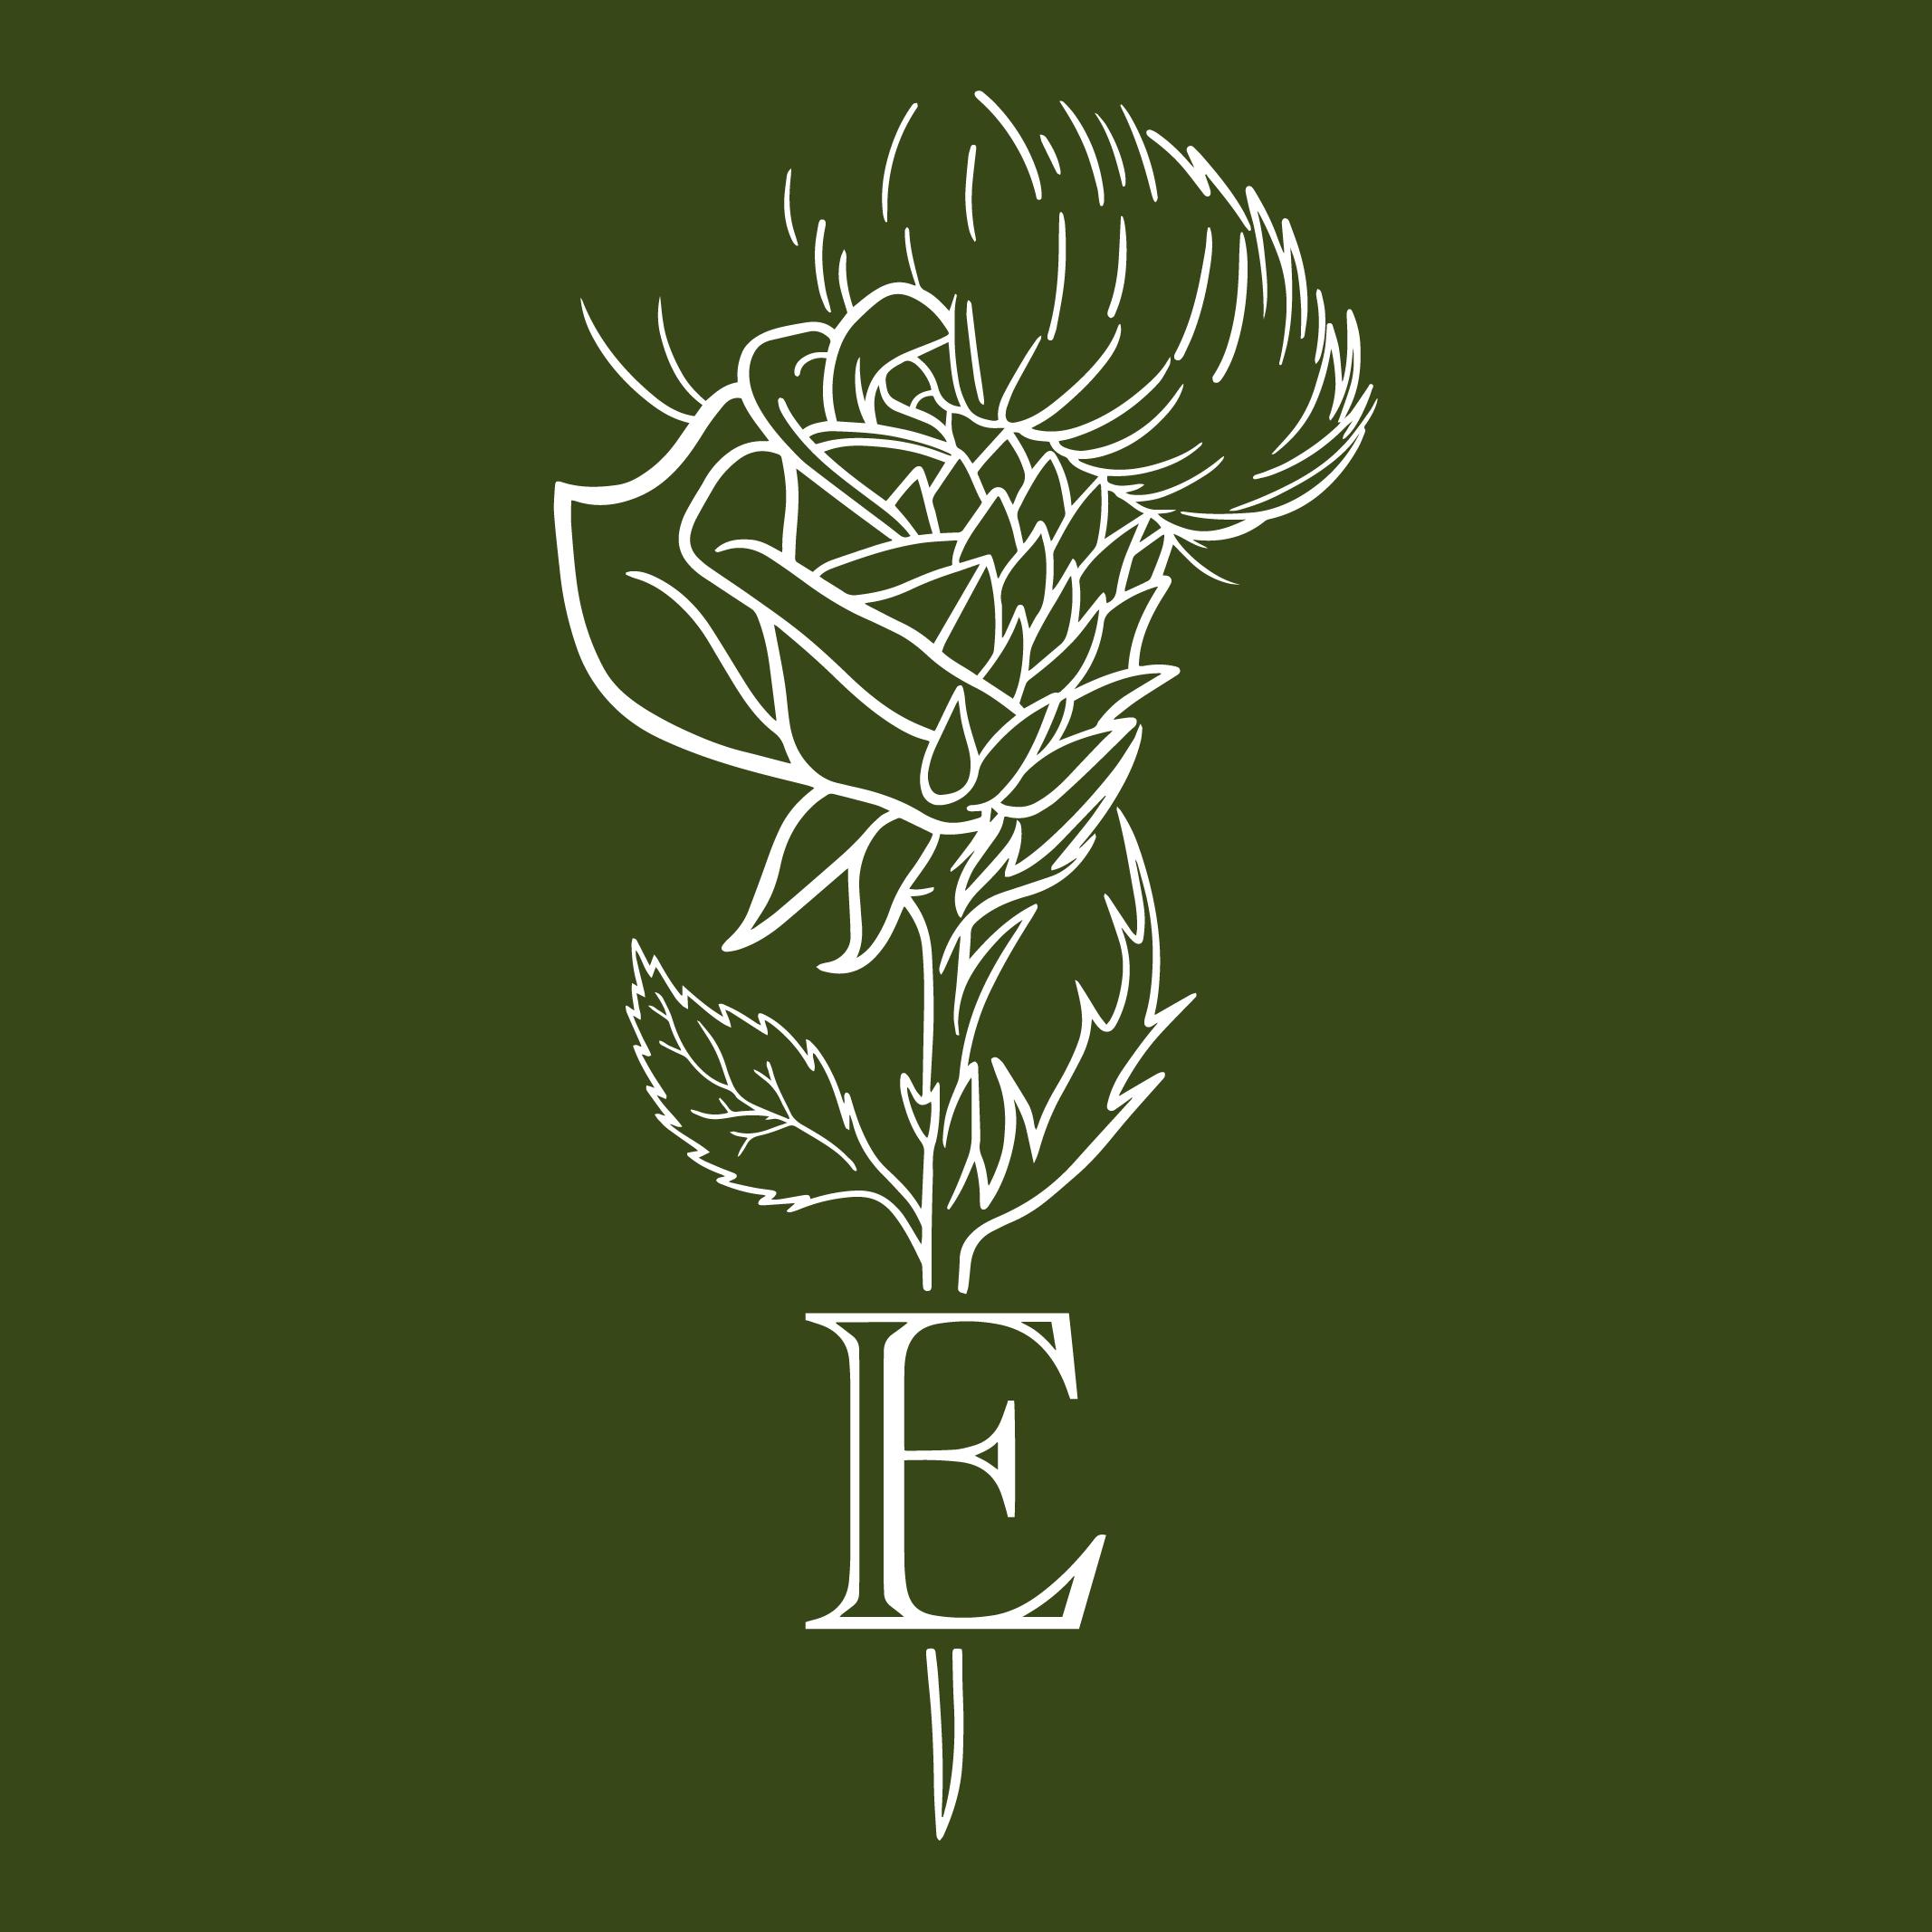 Ian Esslemont Funeral Services